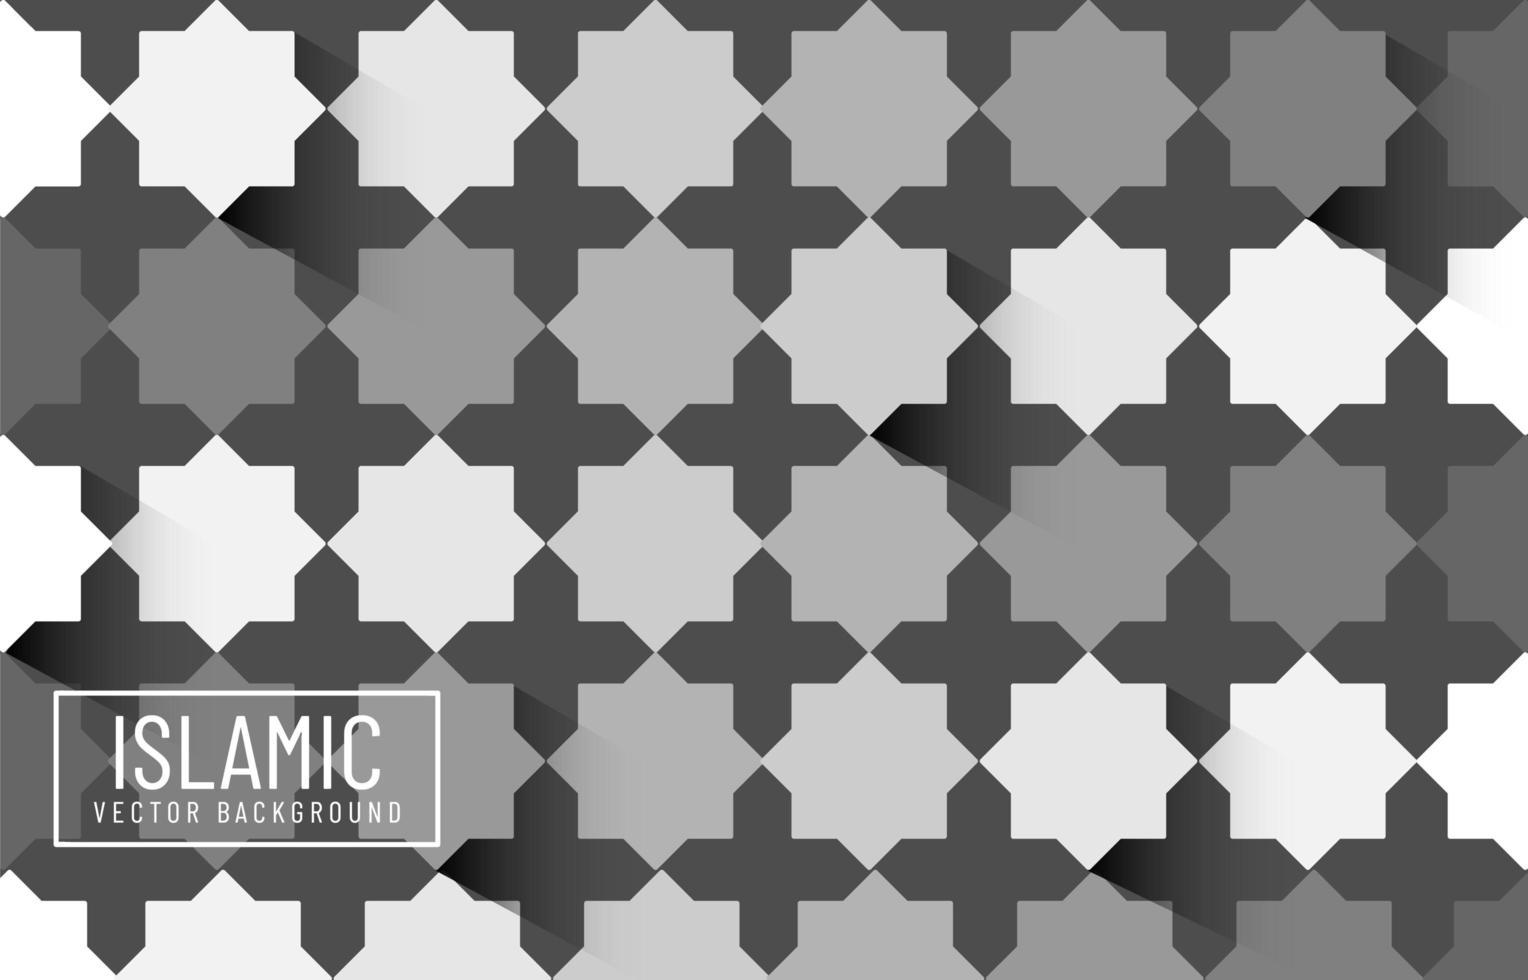 diseño de fondo escandinavo islámico vector